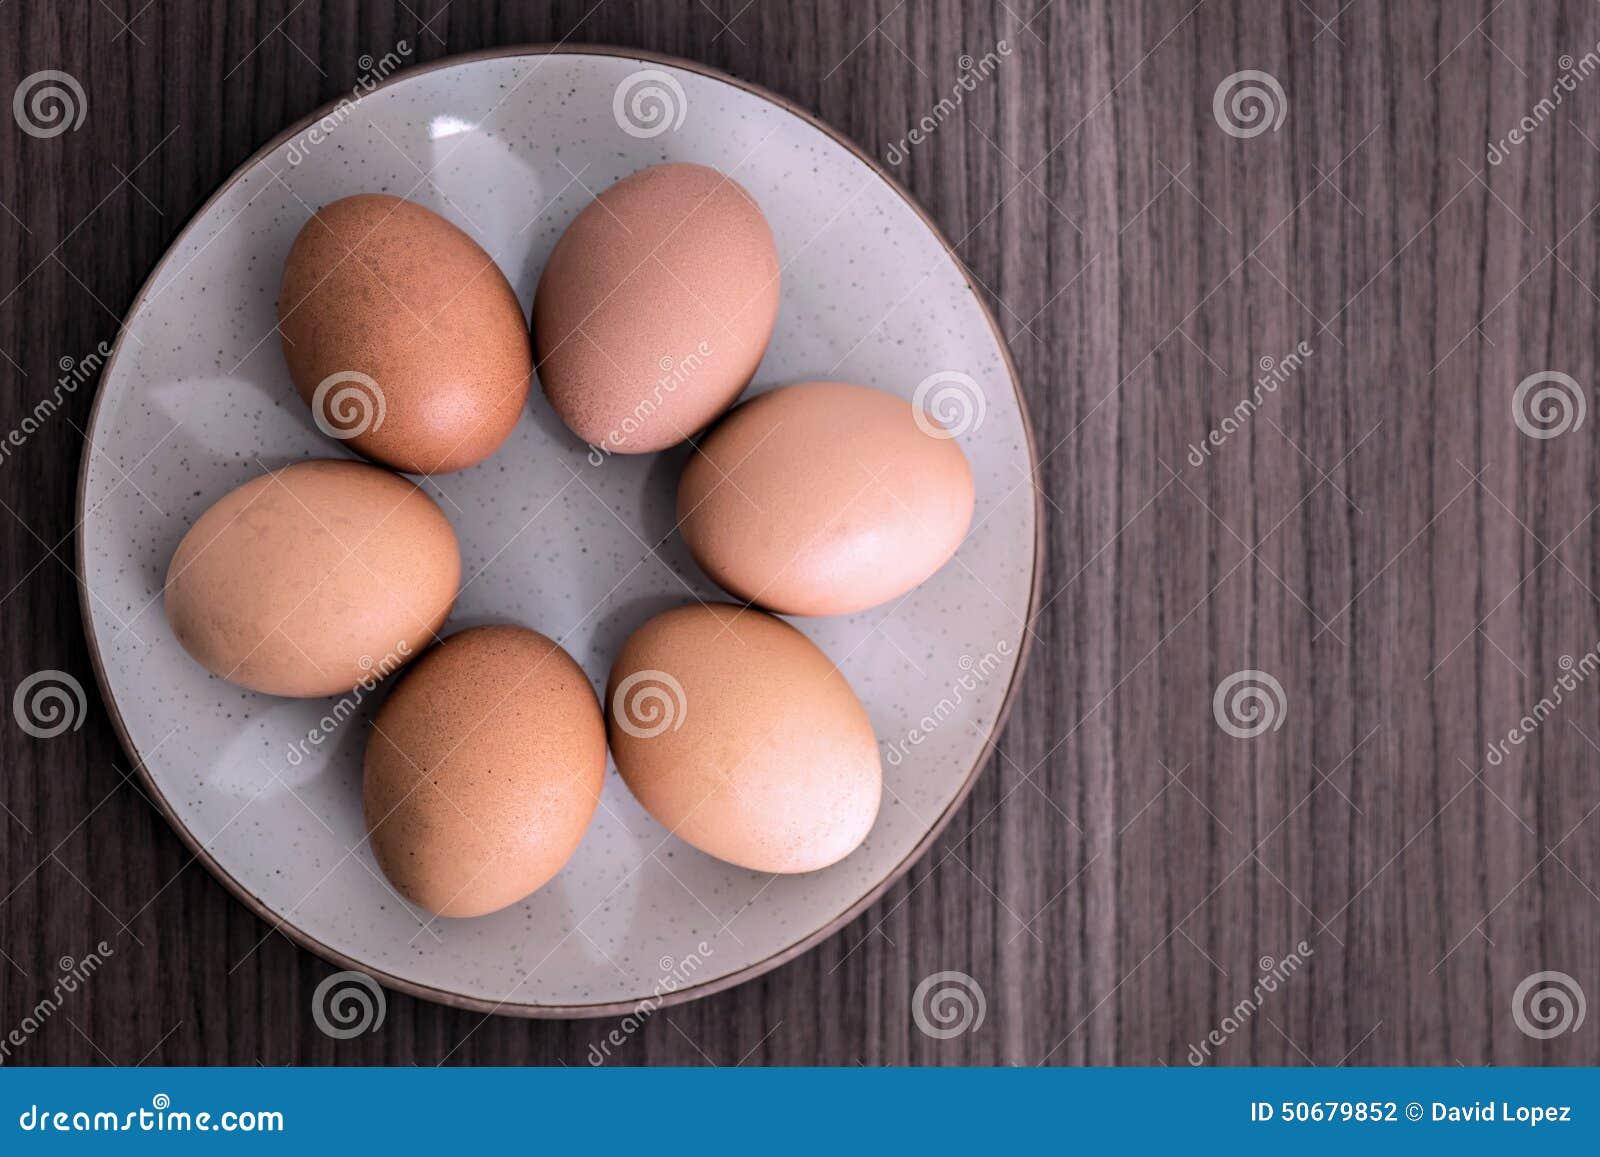 Download 六个鸡蛋 库存照片. 图片 包括有 鸡蛋, 市场, 卡路里, 节假日, 食物, 膳食, 饮食, 复活节, 烹调 - 50679852